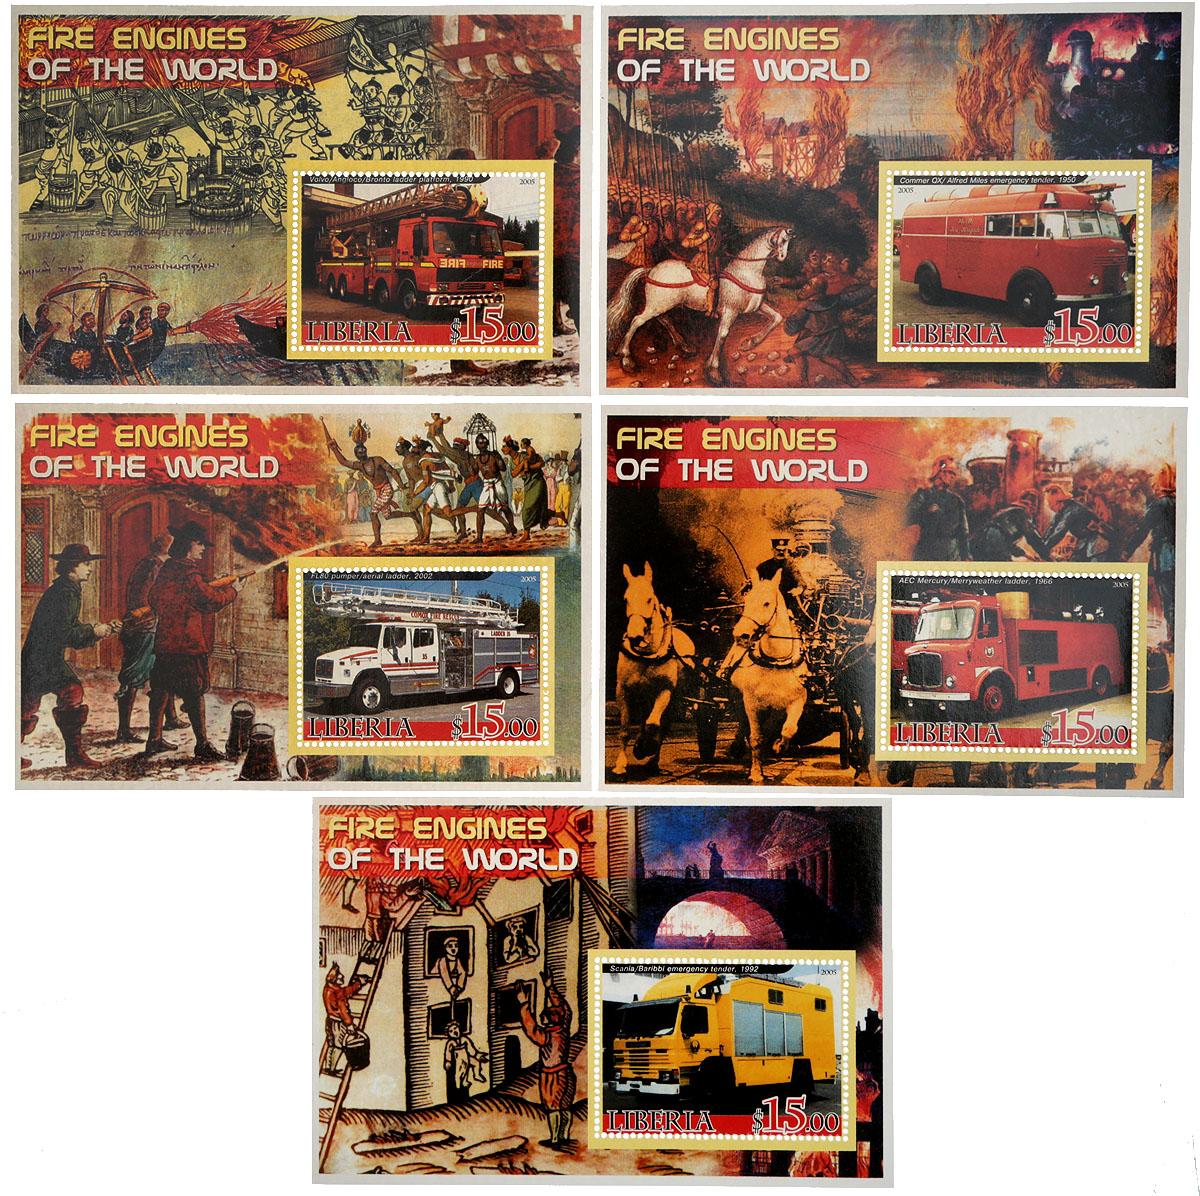 Комплект из 5 почтовых блоков Пожарные машины мира. Либерия, 2005 год